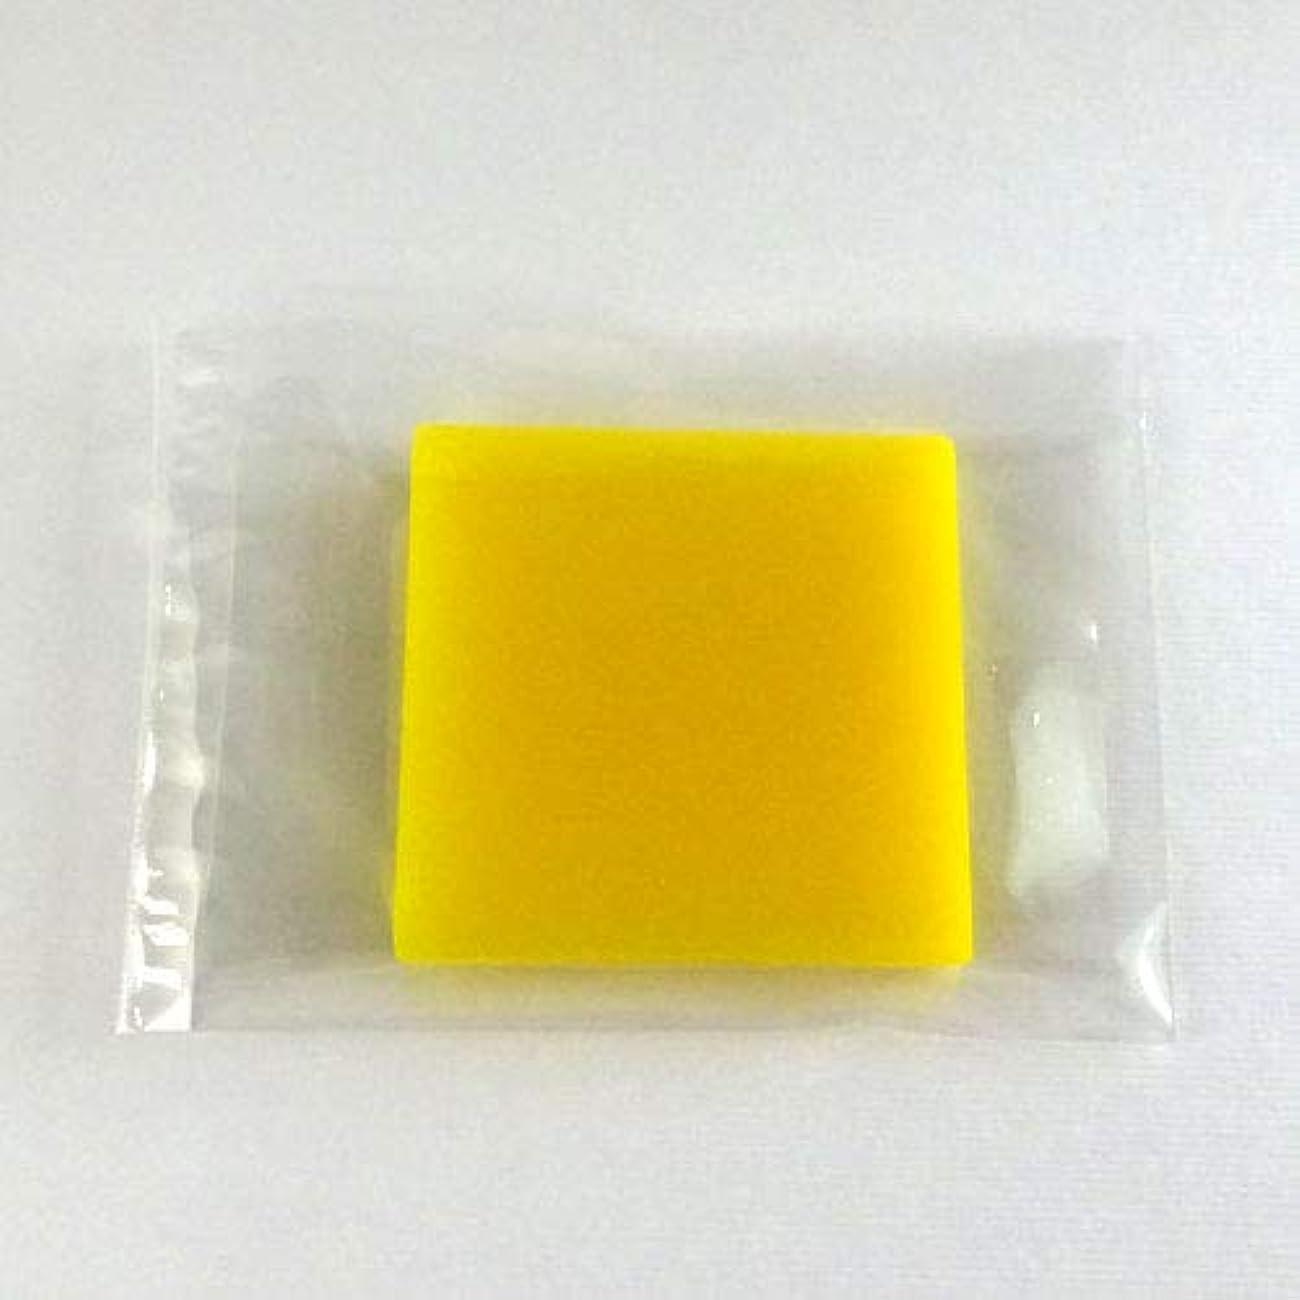 枕る進むグリセリンソープ MPソープ 色チップ 黄(イエロー) 120g(30g x 4pc)